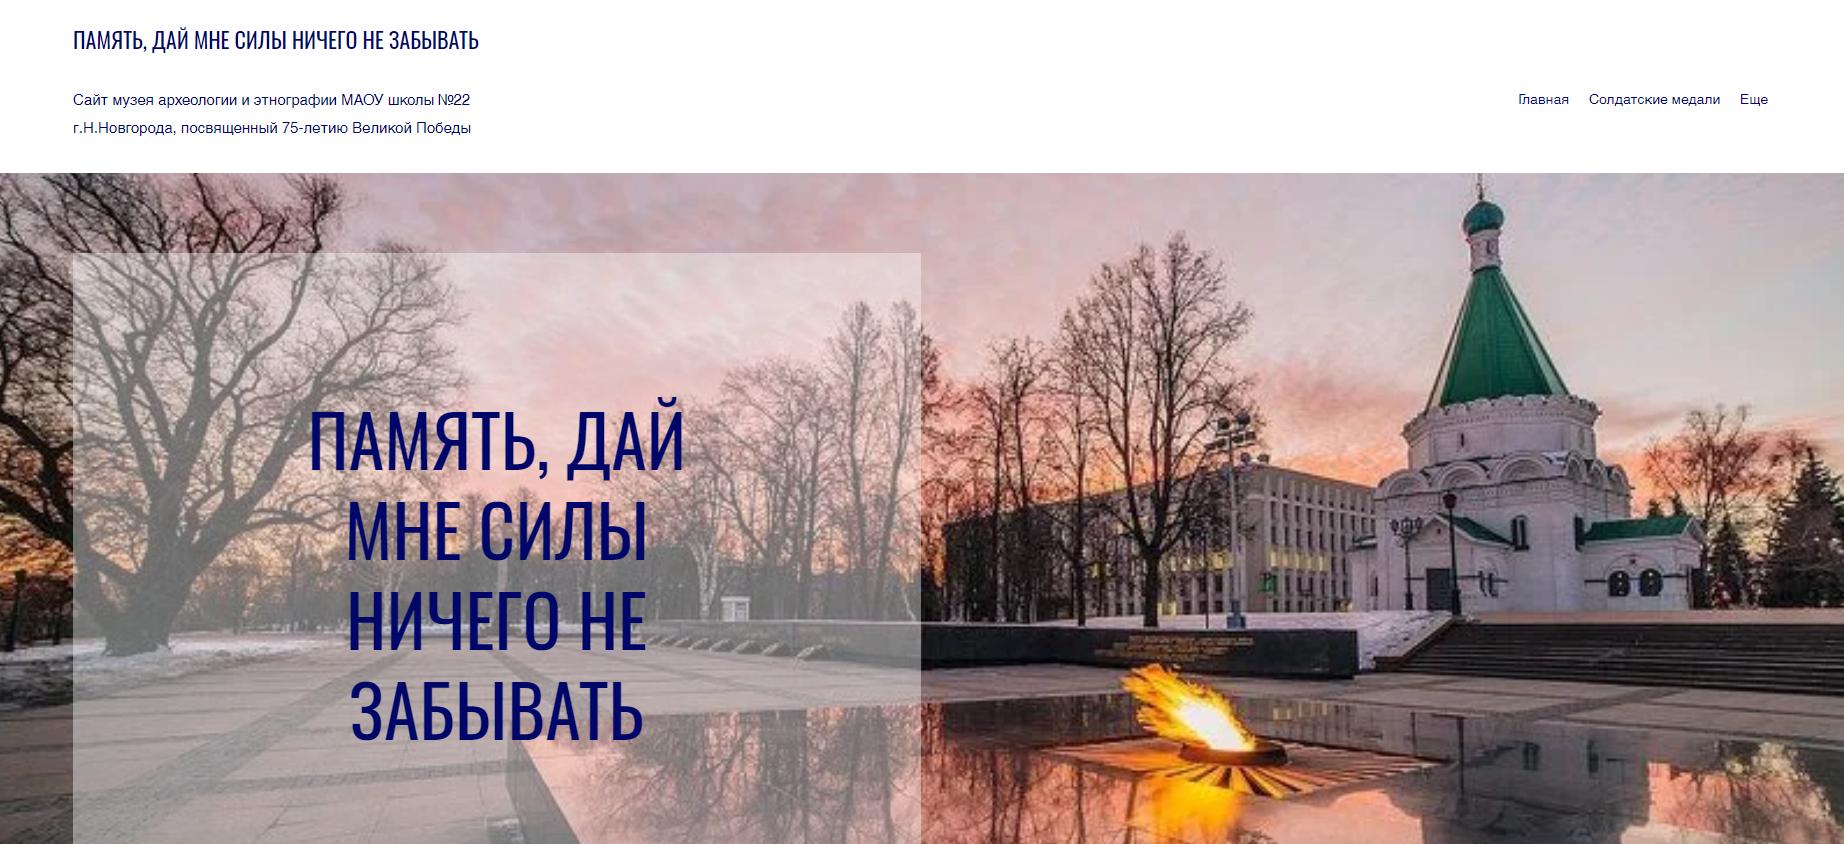 Сайт музея археологии и этнографии МАОУ школа №22